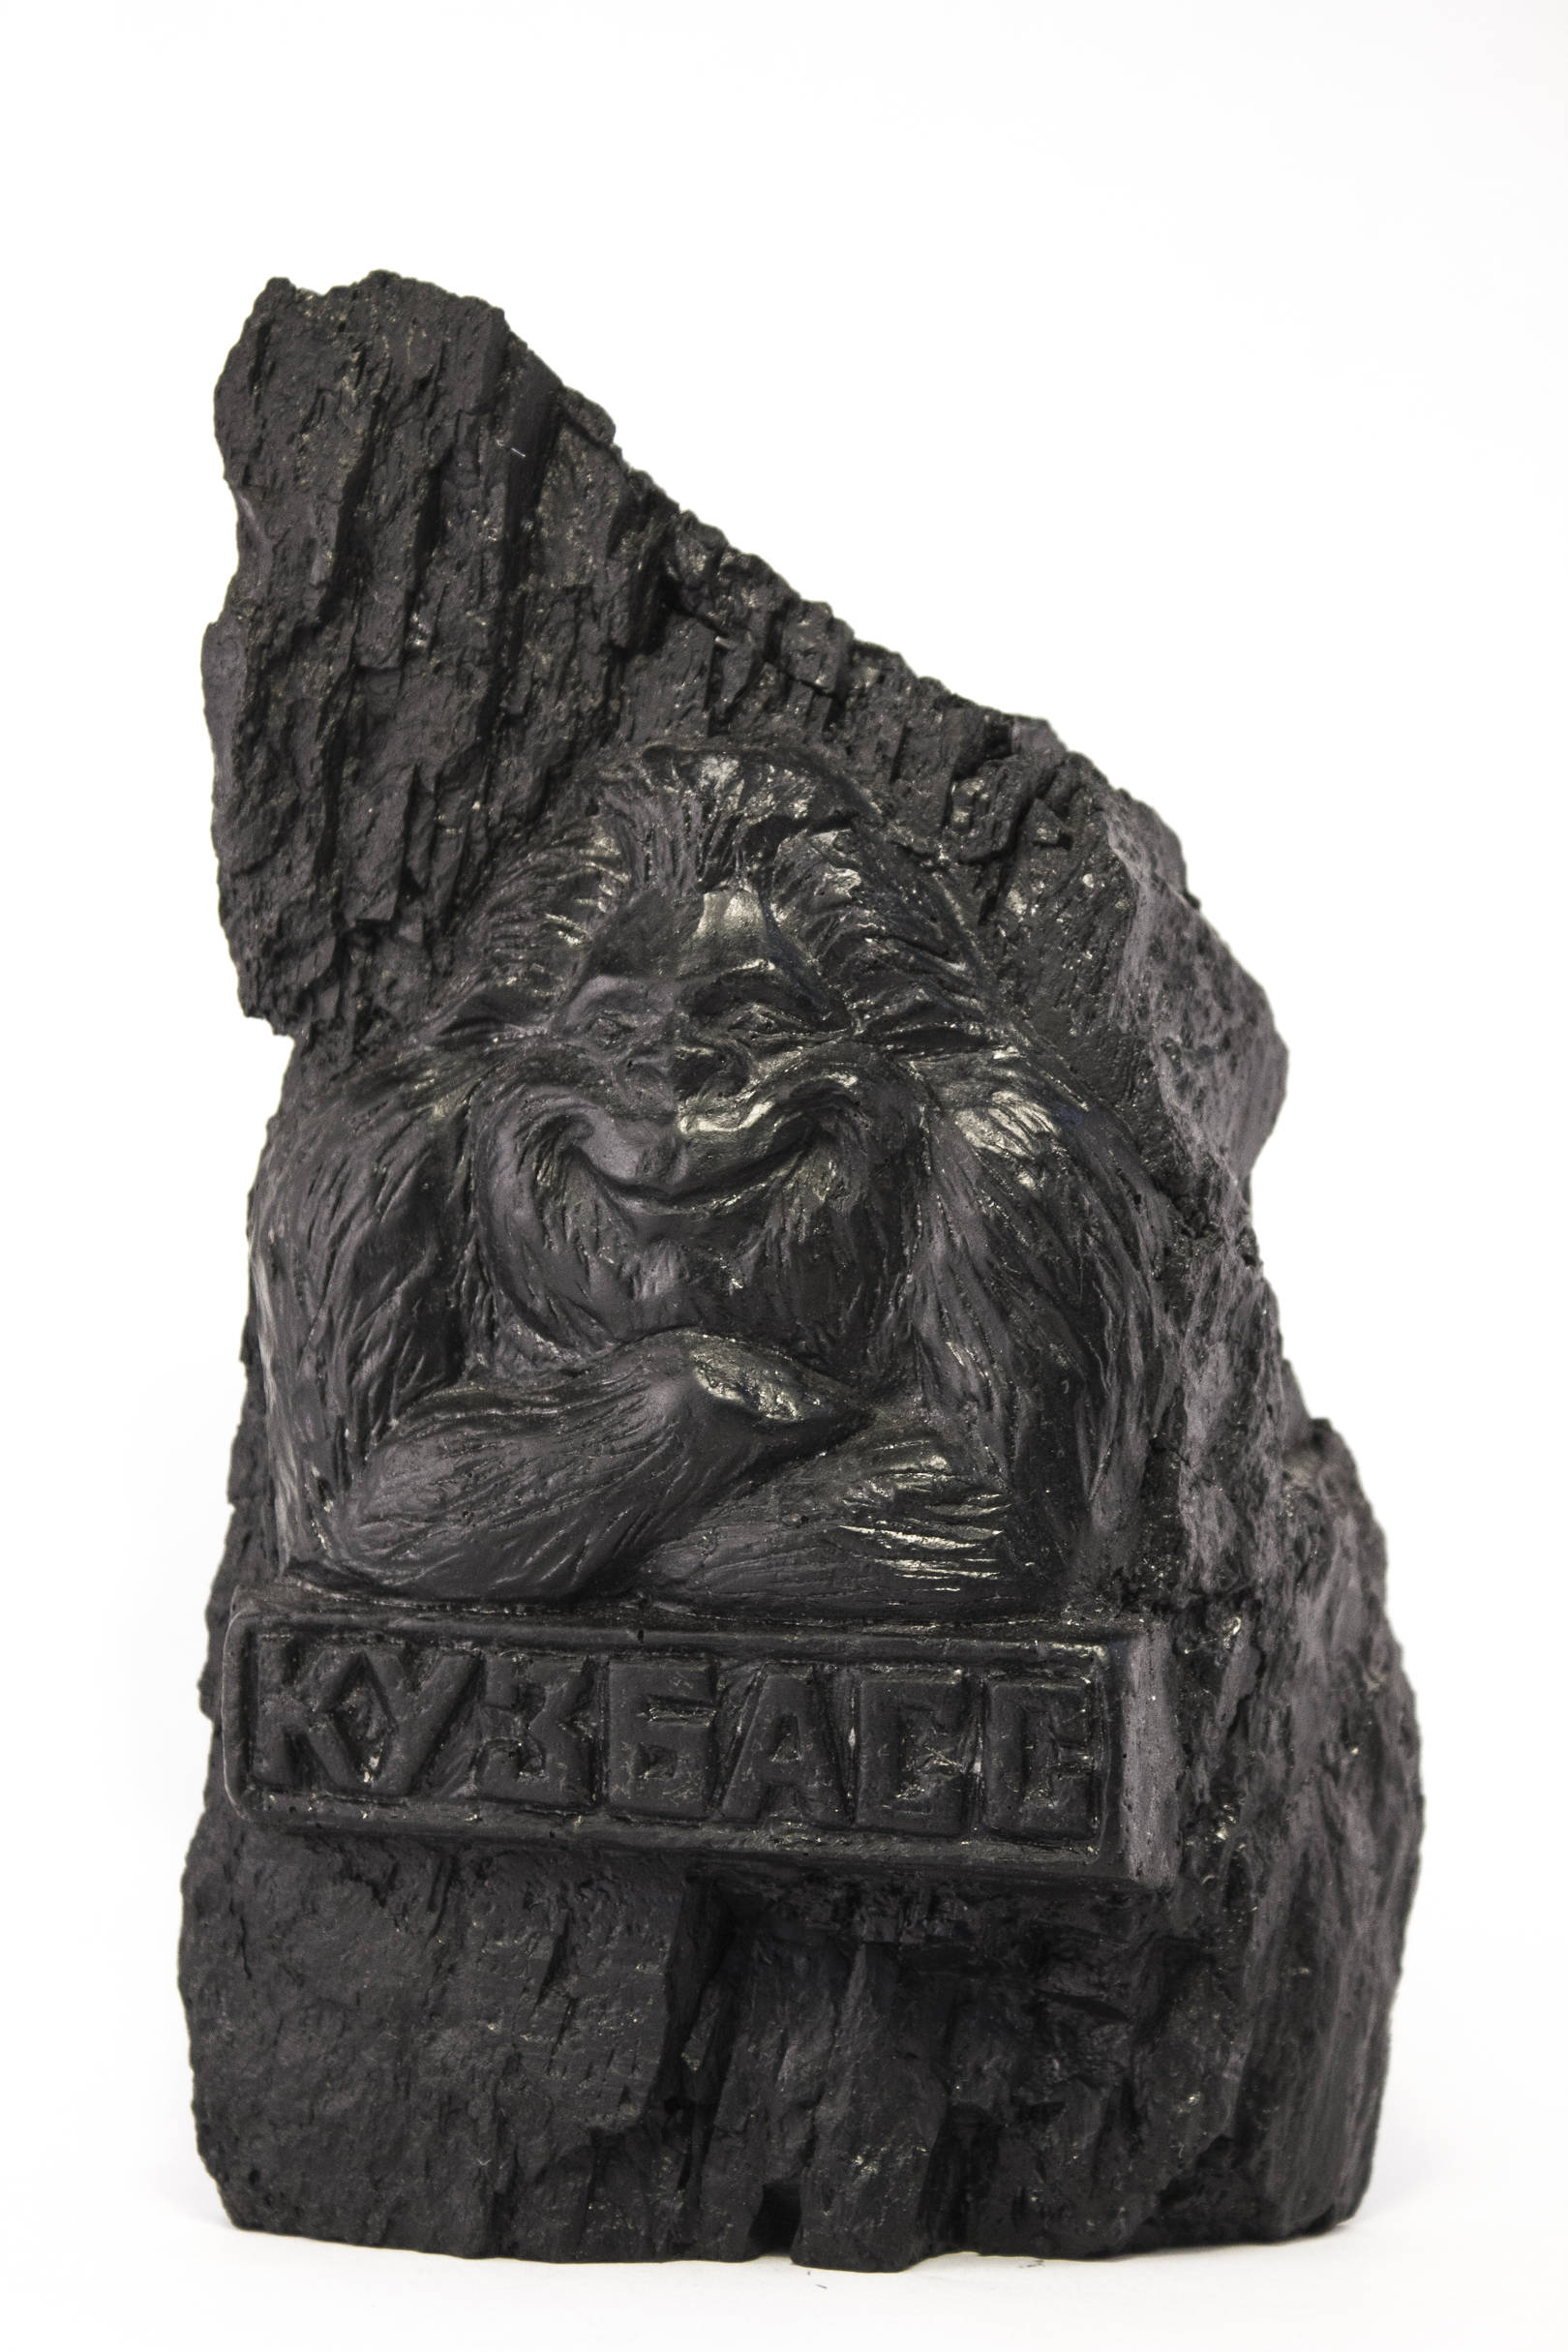 Йети - символ Кузбасса. Высота 19 см Материал - уголь